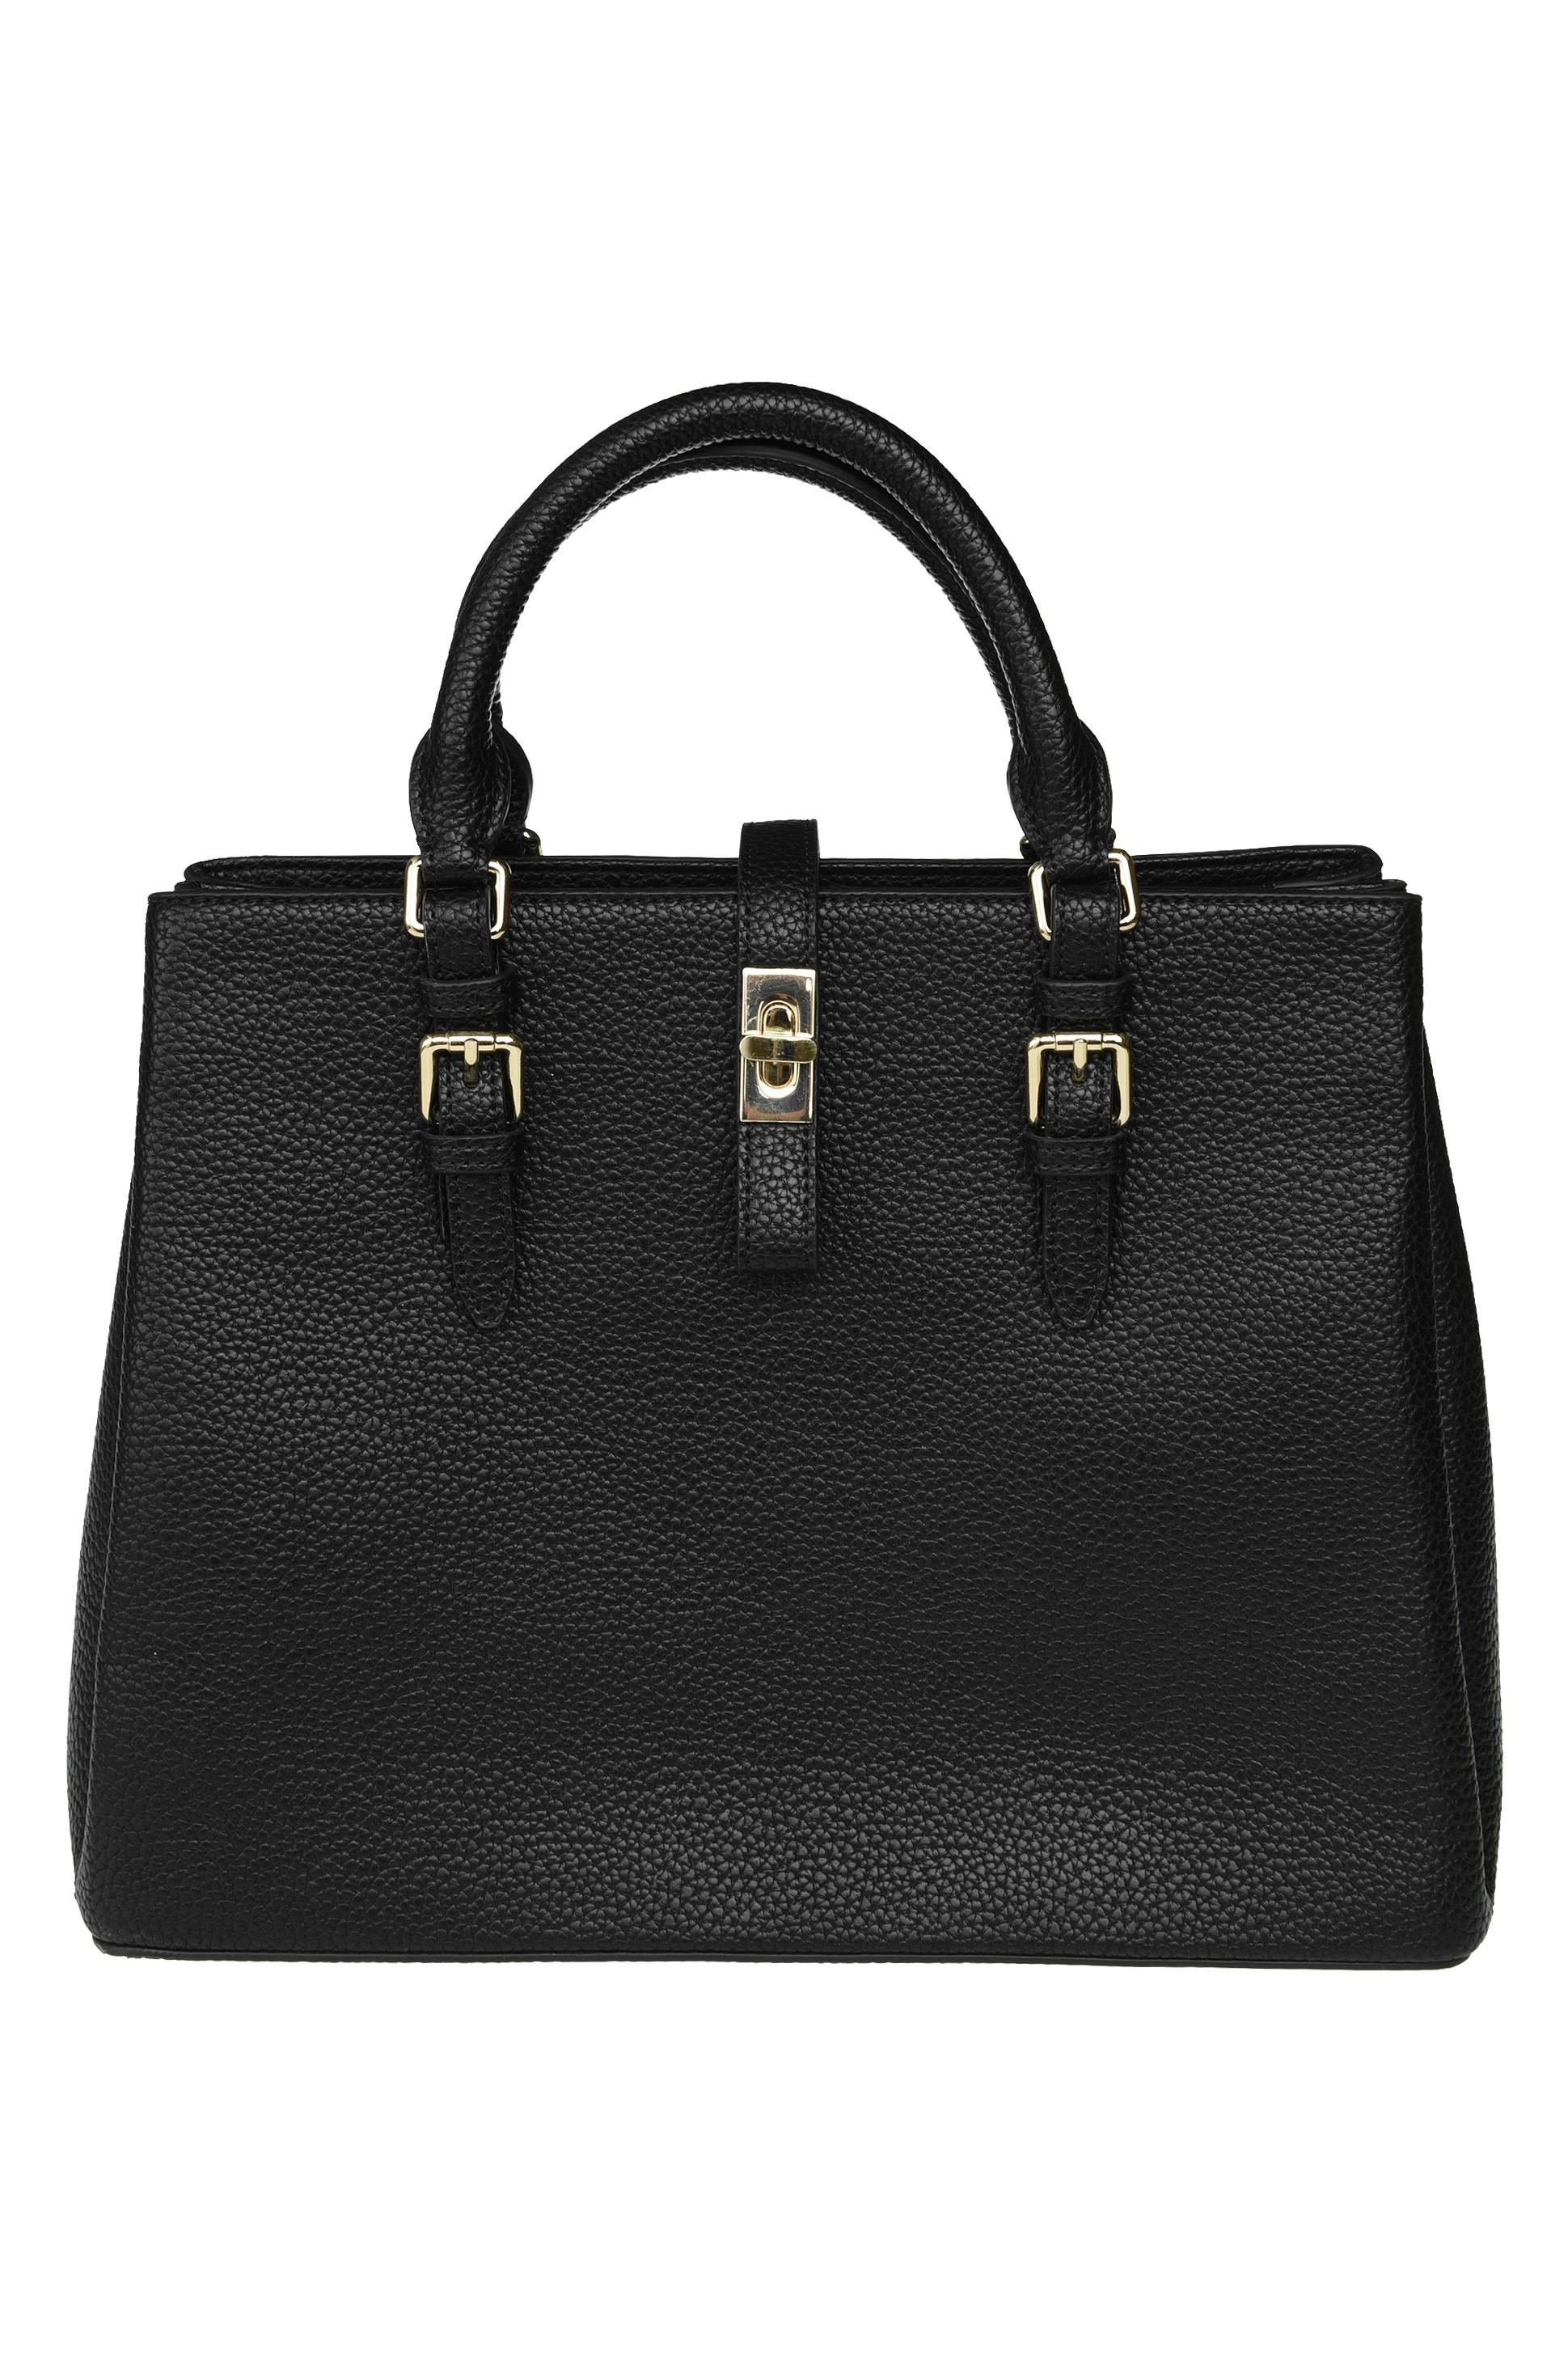 f05e1f7eb6ba сумка женская 914020013-50 - купить в интернет-магазине LOVE ...